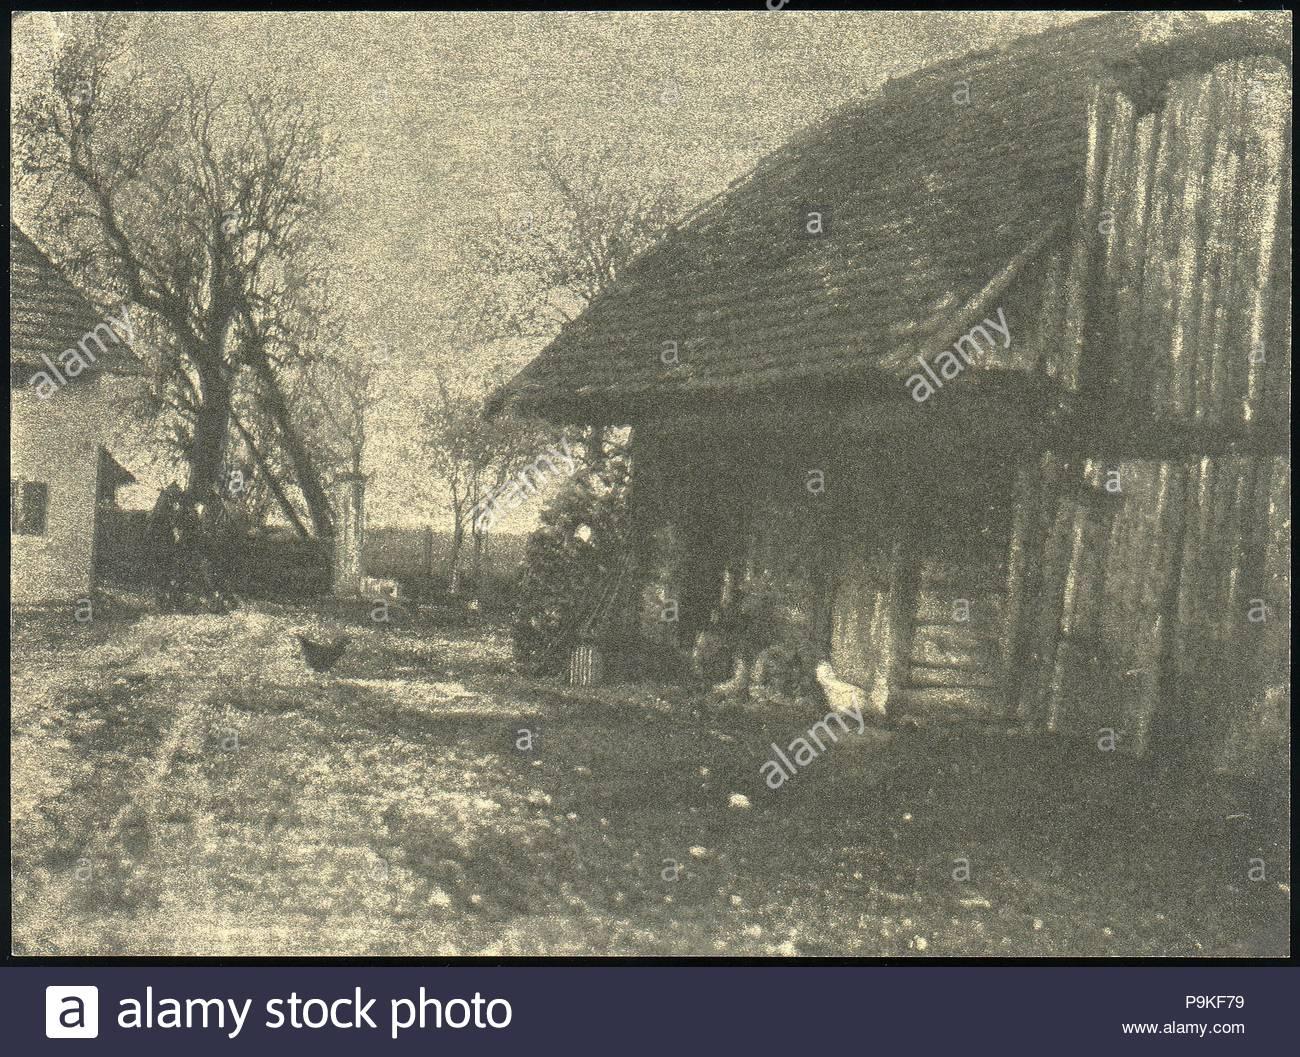 [Hof], 1886, Gum bichromate Print, 14,3 x 19,4 cm (5 5/8 x 7 5/8 in.), Fotografien, Frank Eugene (American, New York 1865 - 1936 München). Stockbild